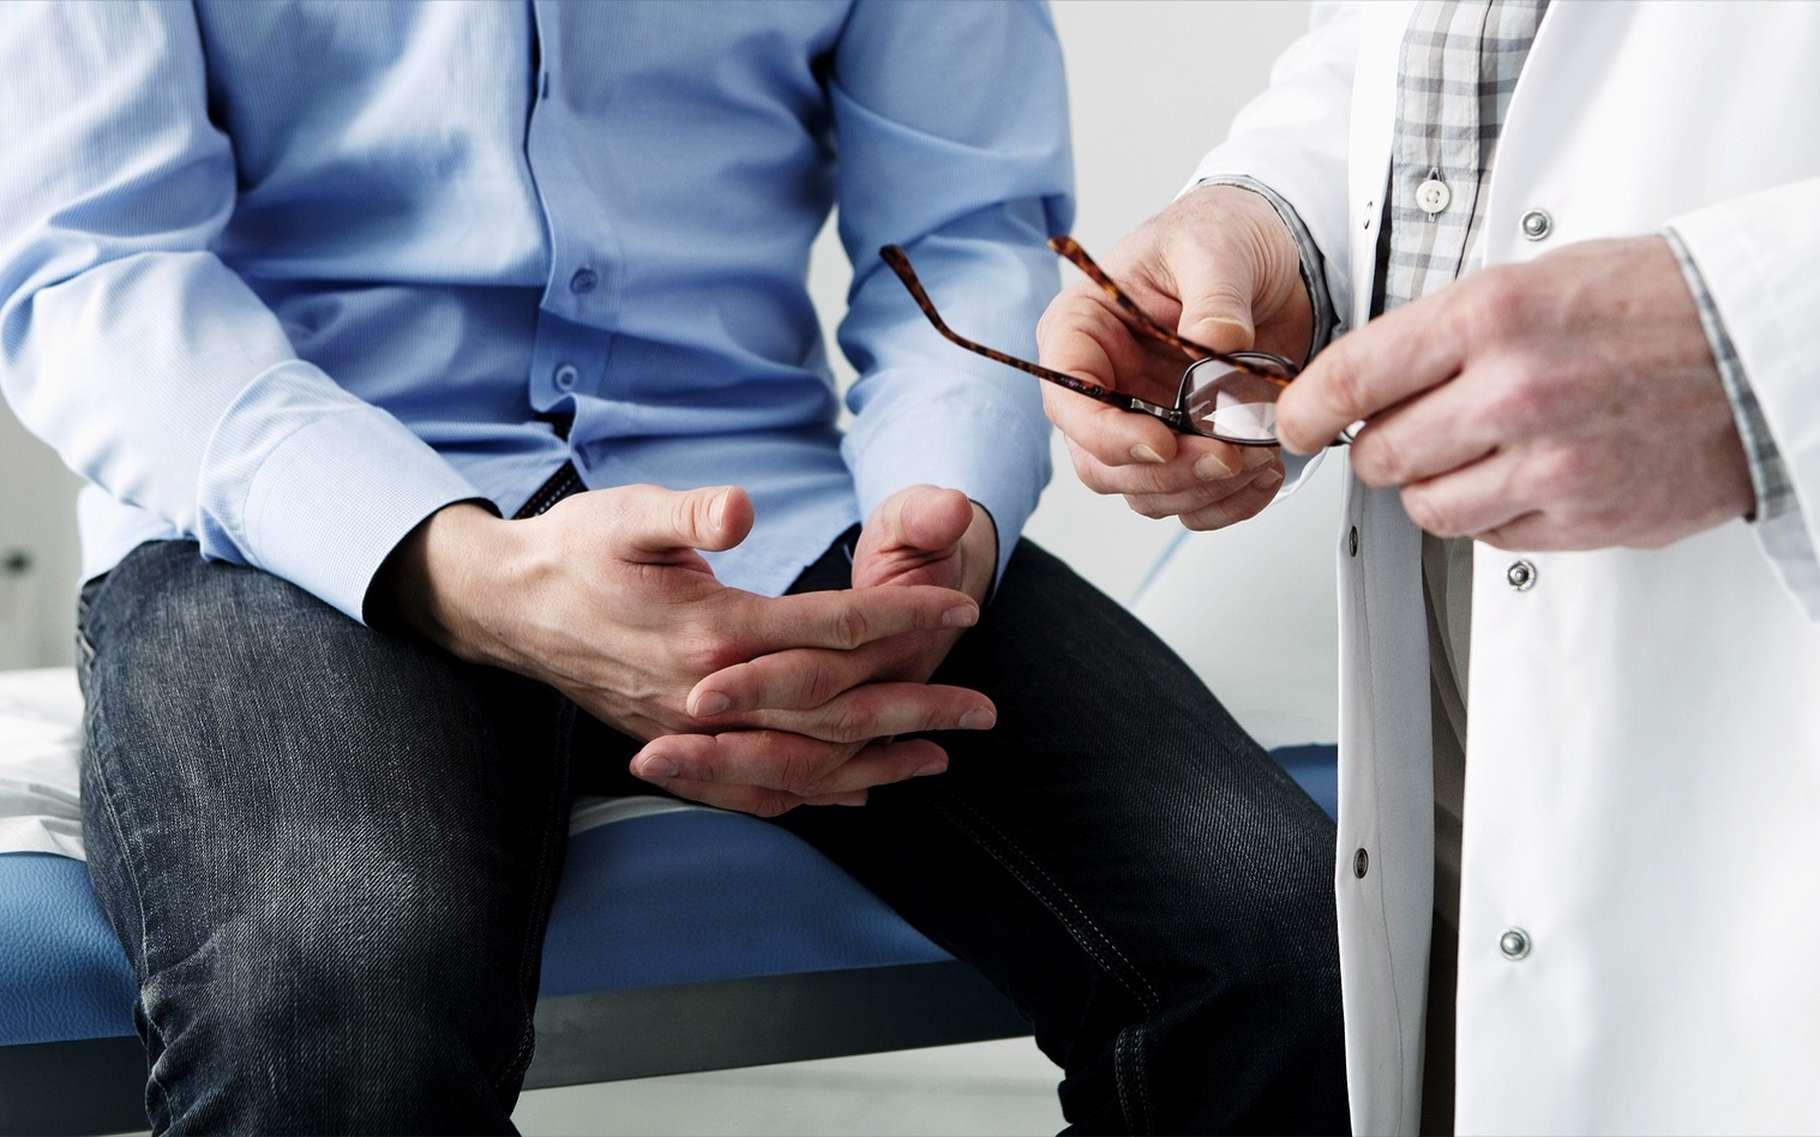 Les médecins généralistes font aussi face à une demande des patients souhaitant être dépistés. © Image Point Fr, Shutterstock